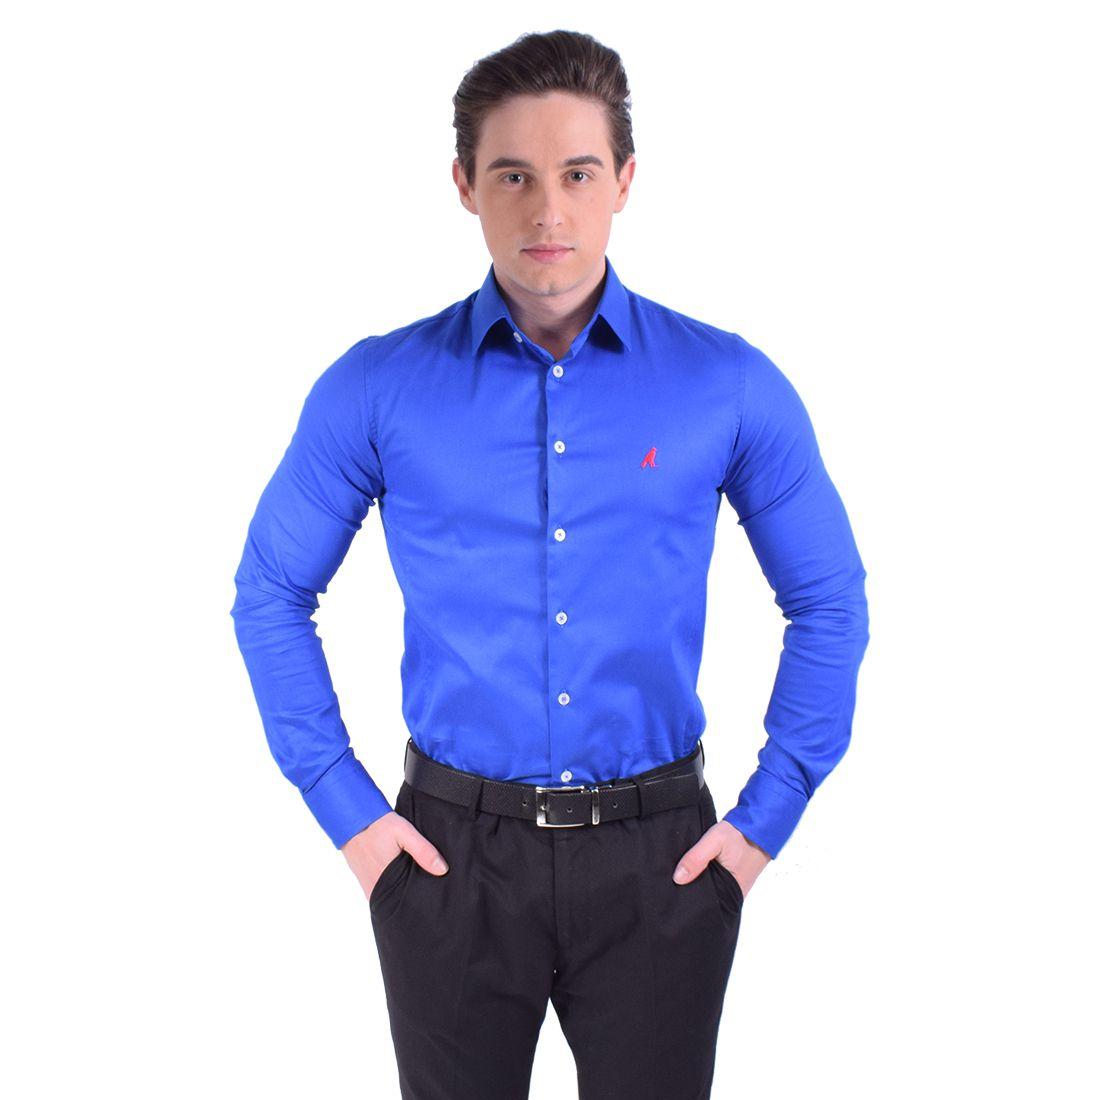 Slim e Camisa Social Azul Masculina Super Slim